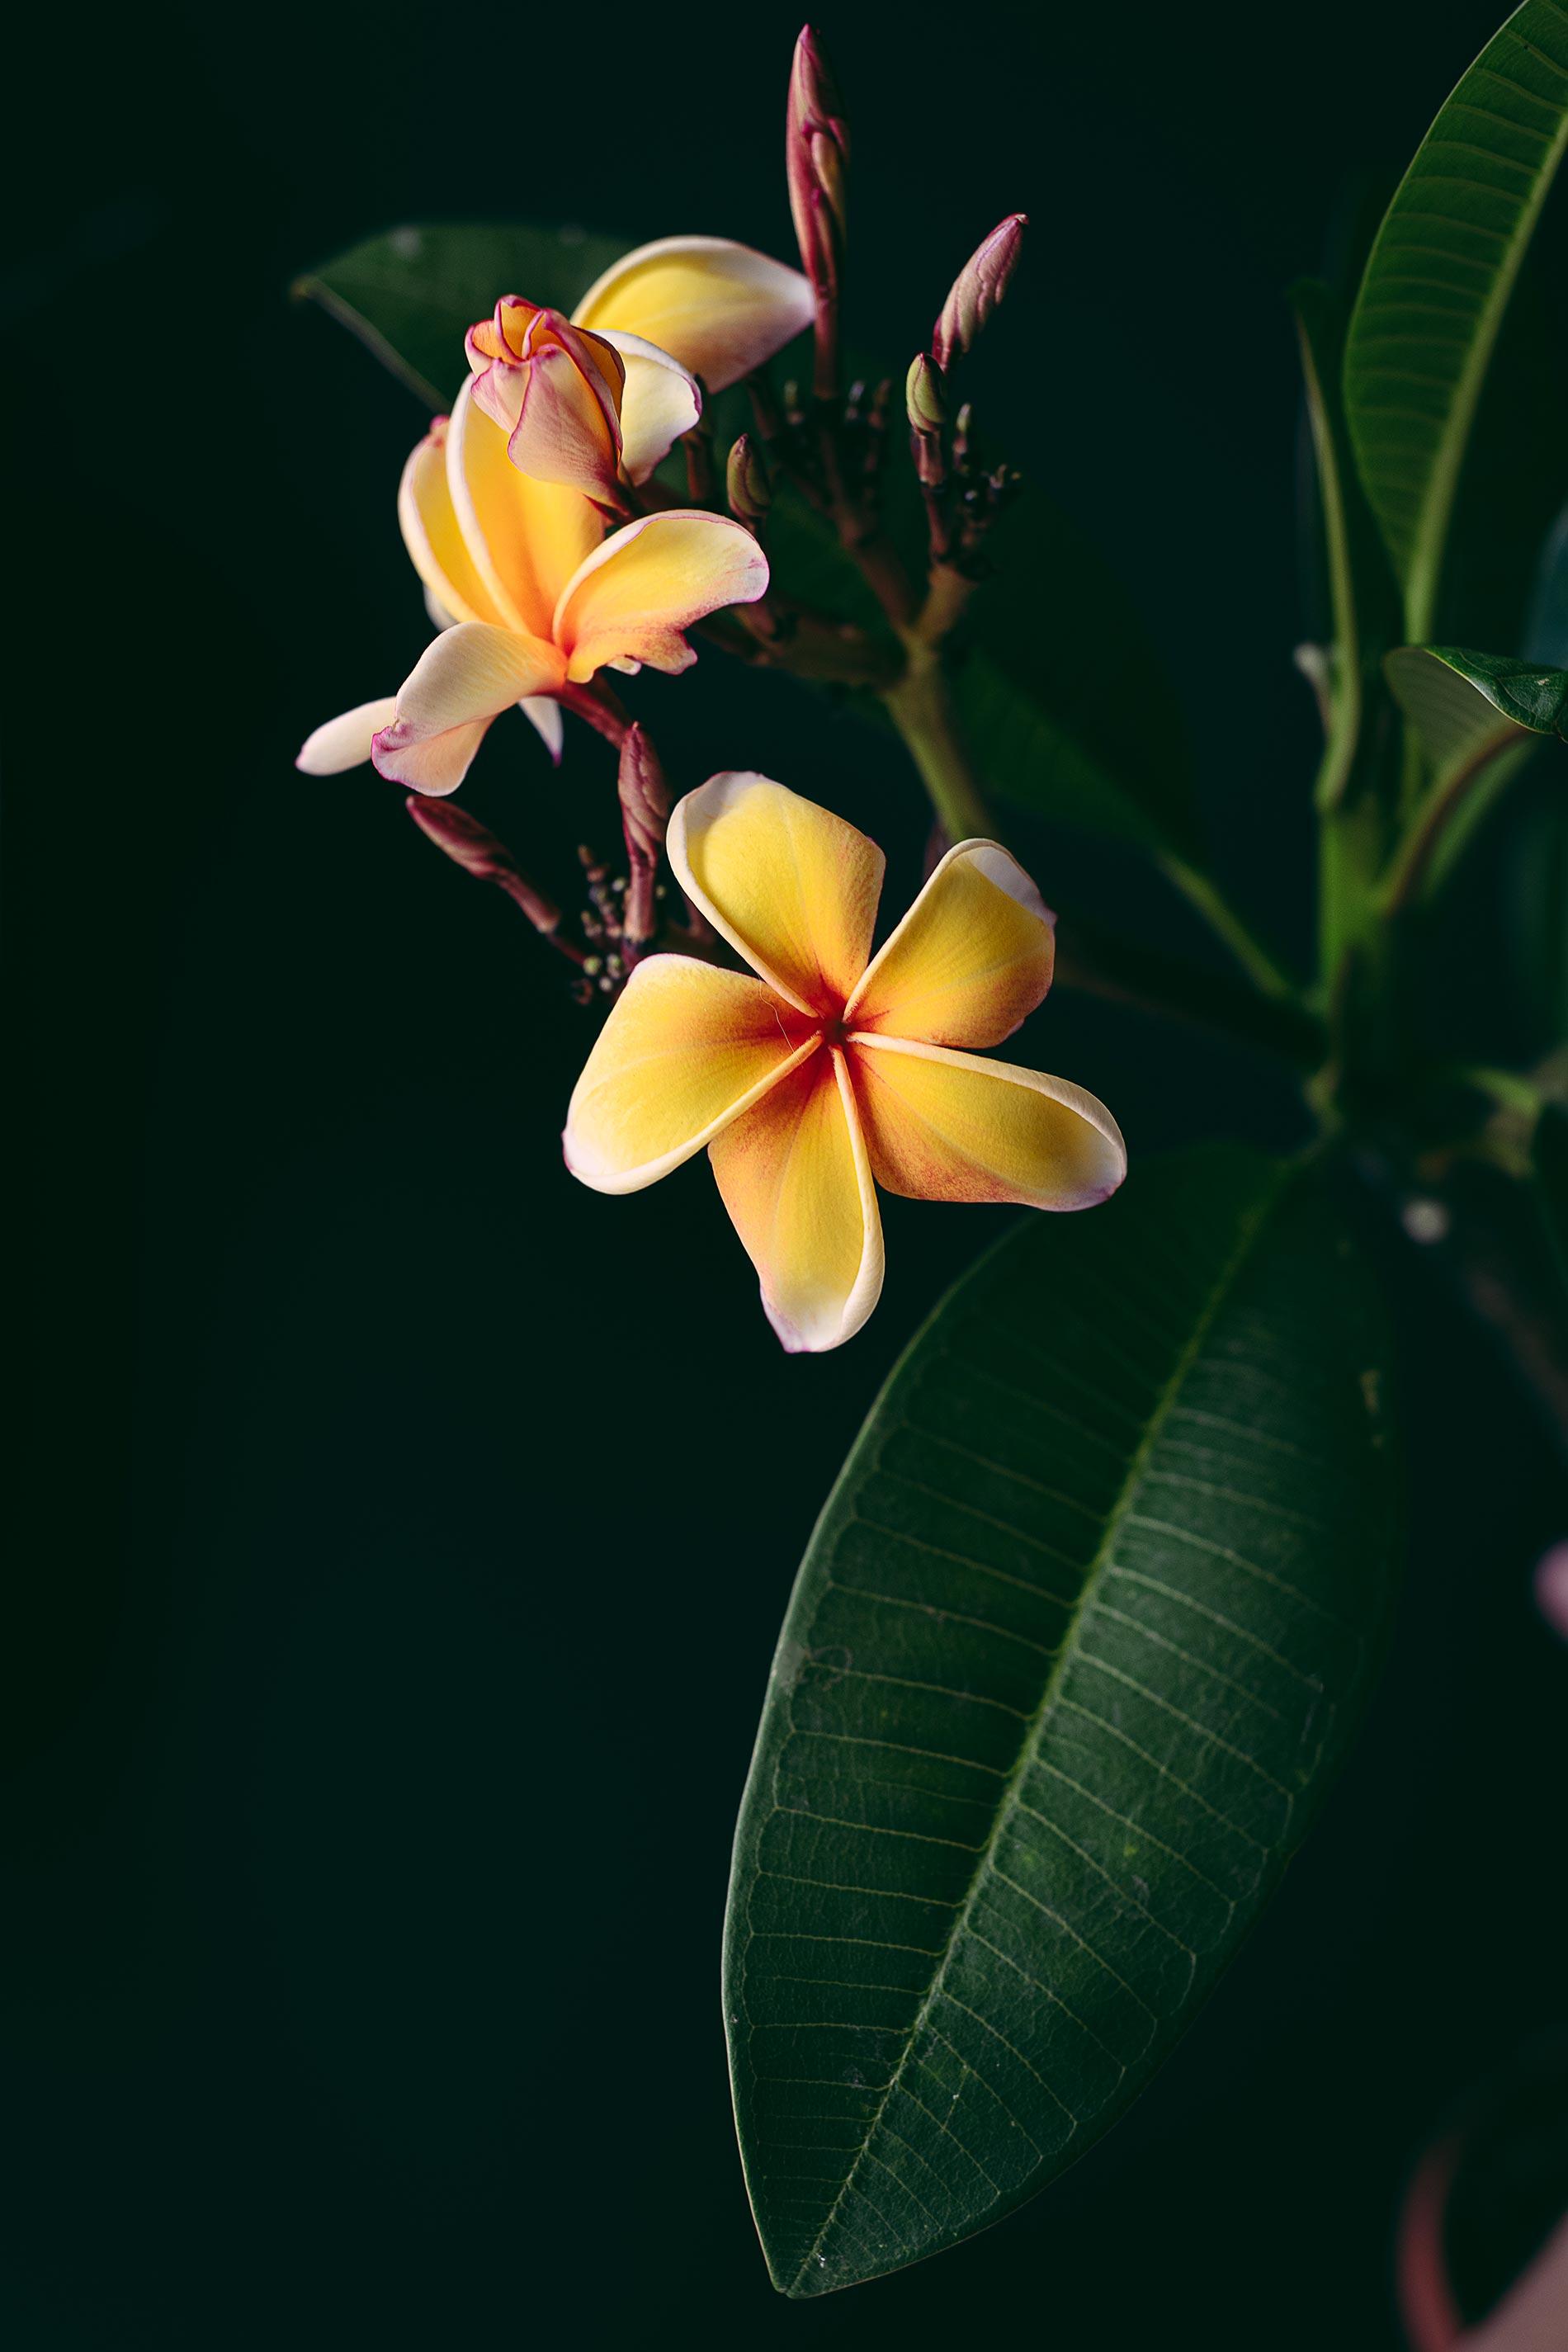 fiori di frangipane